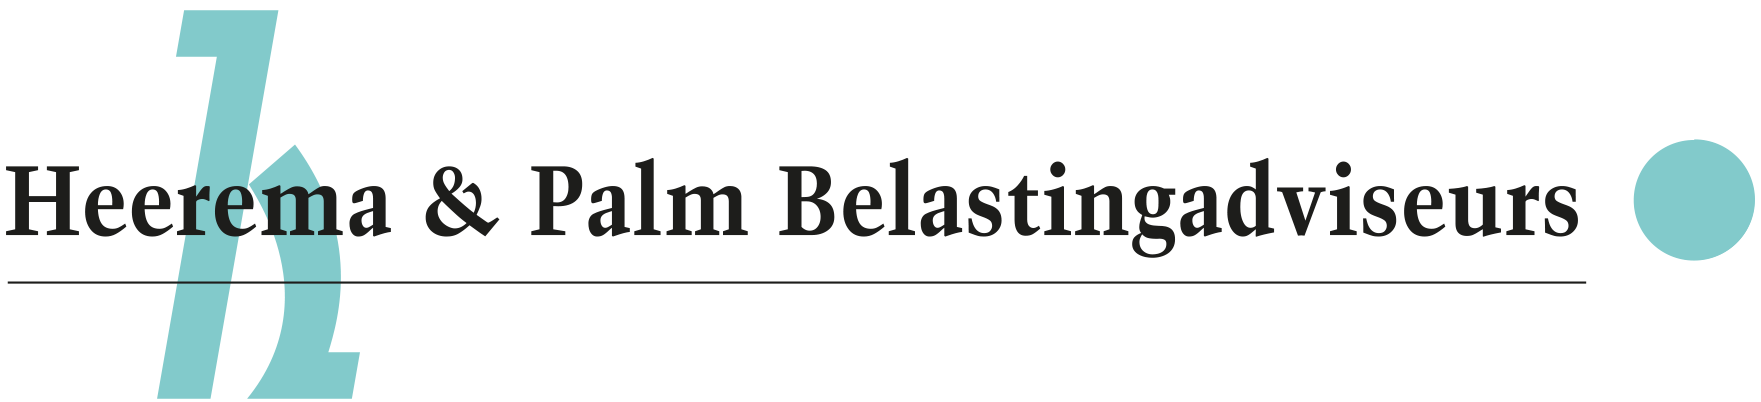 Heerema & Partners - Belastingadviseurs